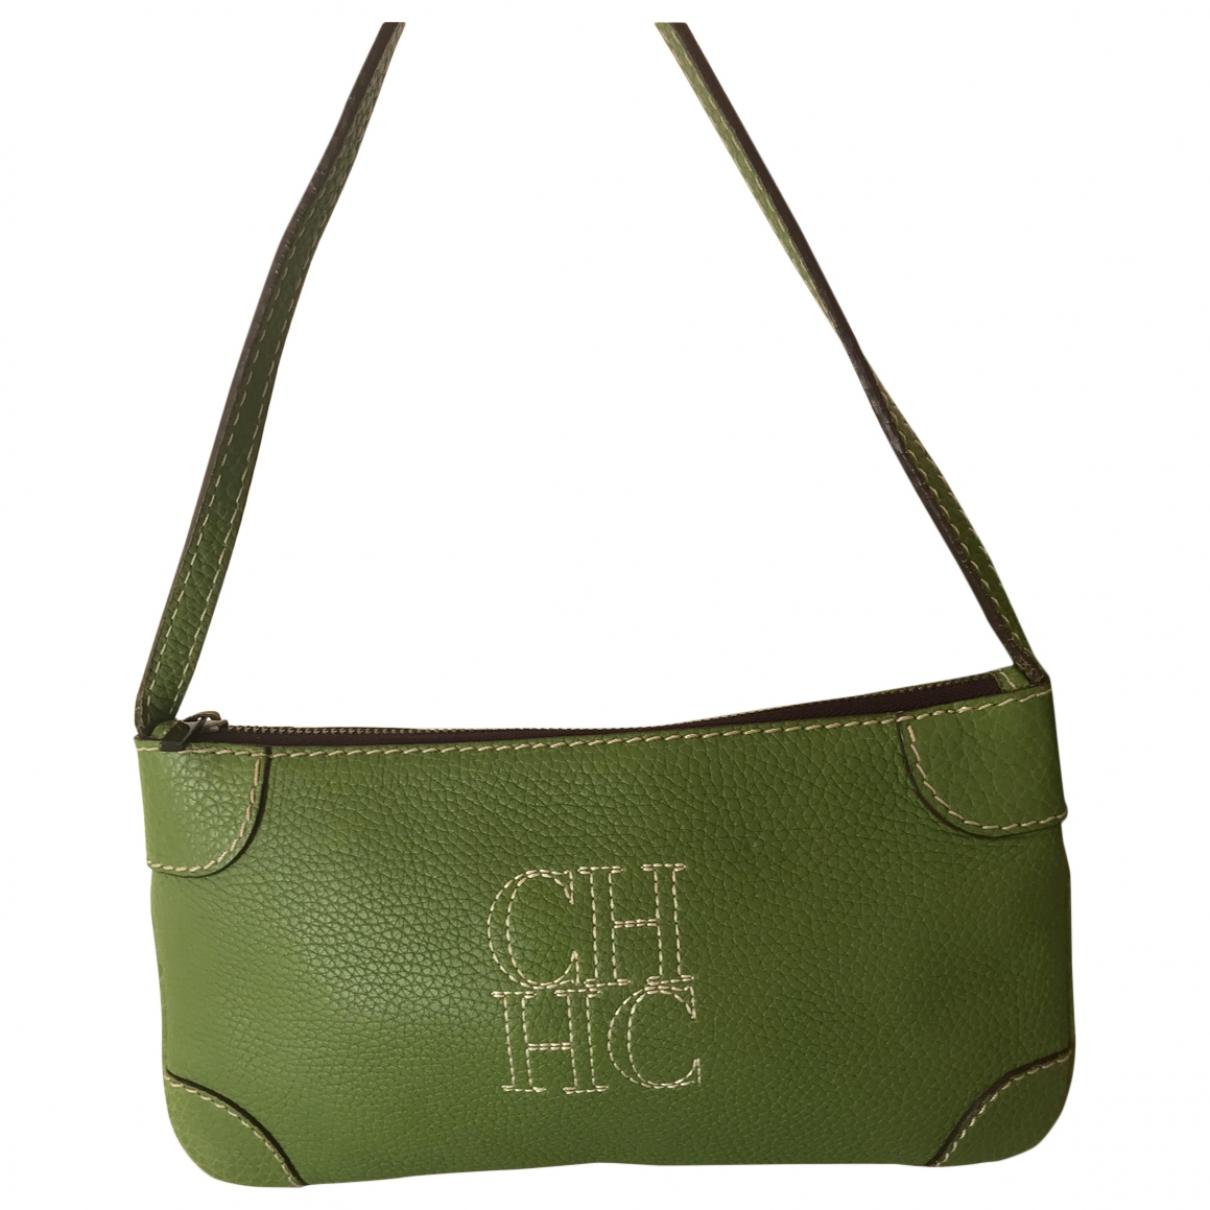 Carolina Herrera \N Handtasche in  Gruen Leder